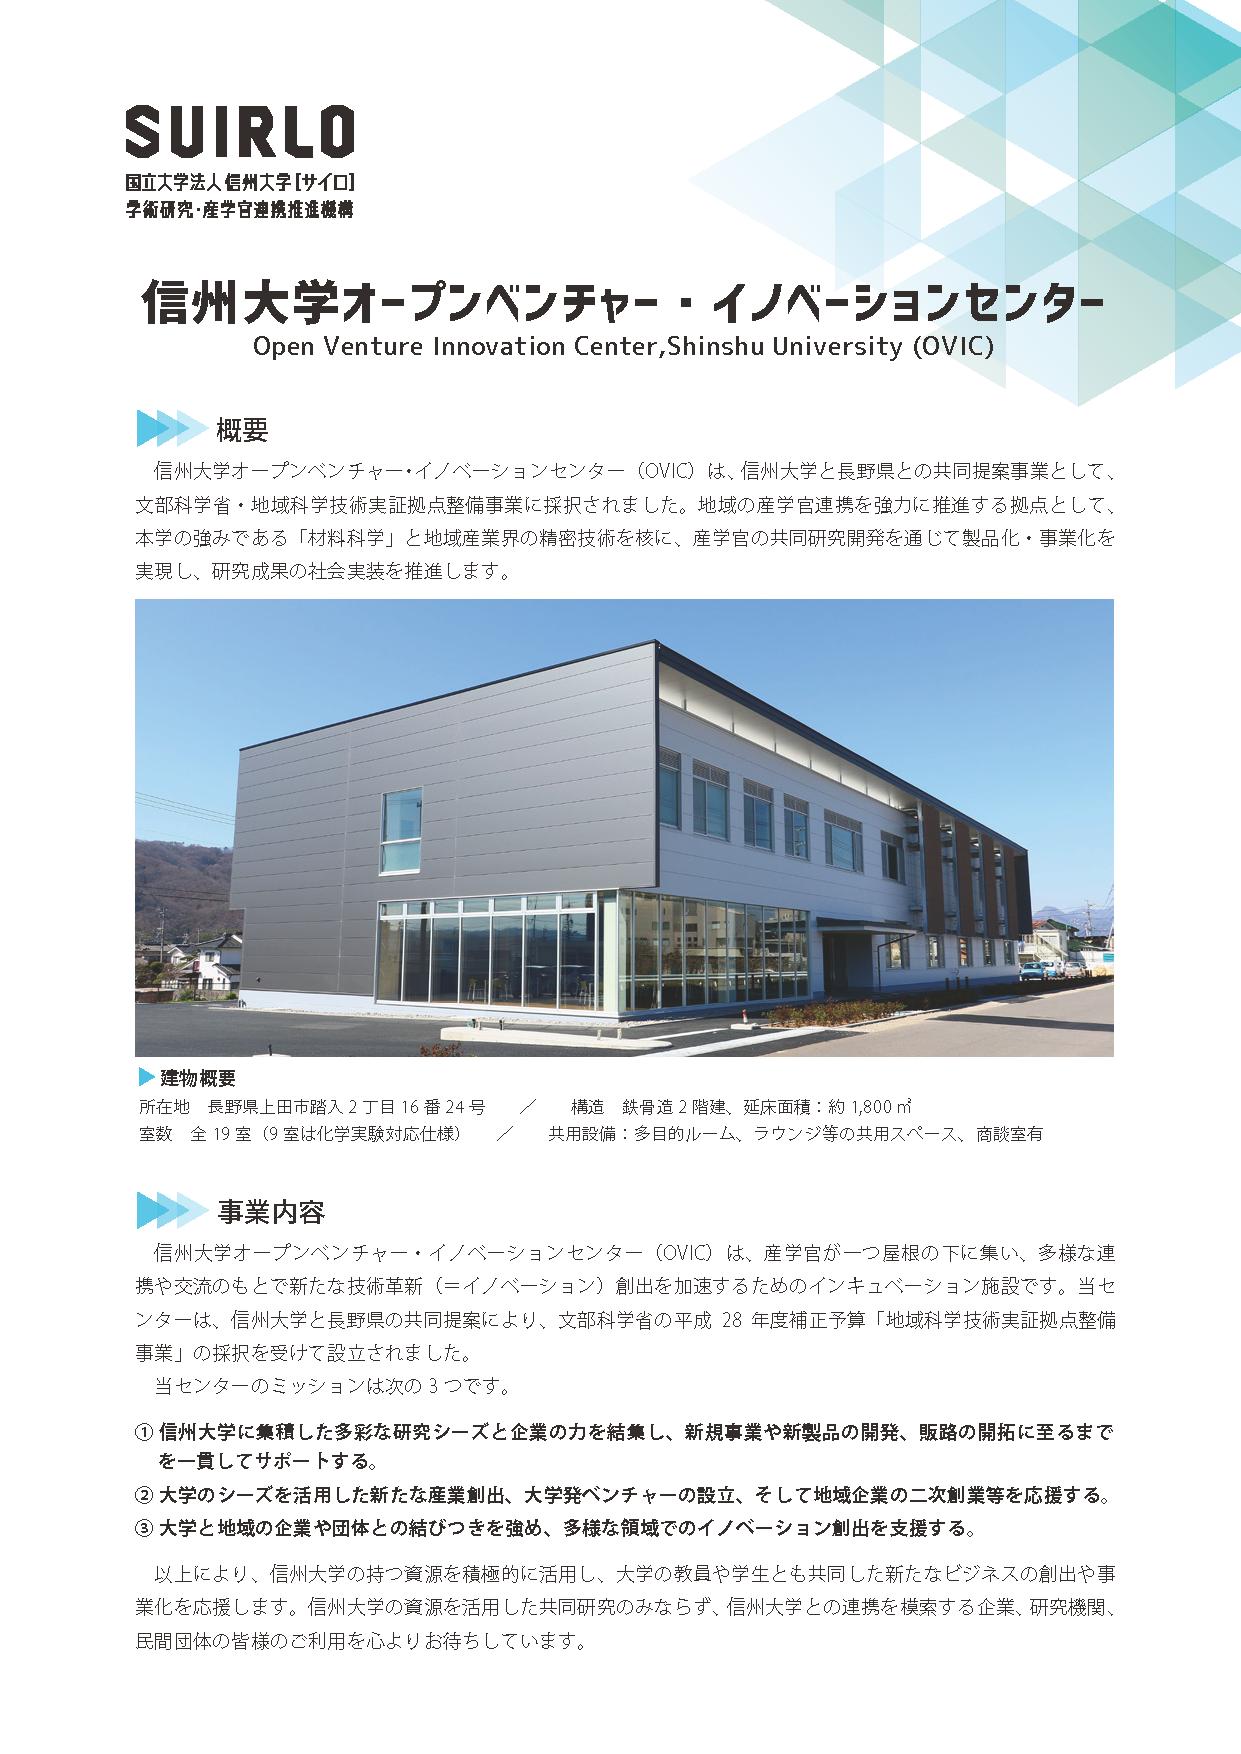 アイキャッチ画像:信州大学オープンベンチャー・イノベーションセンター